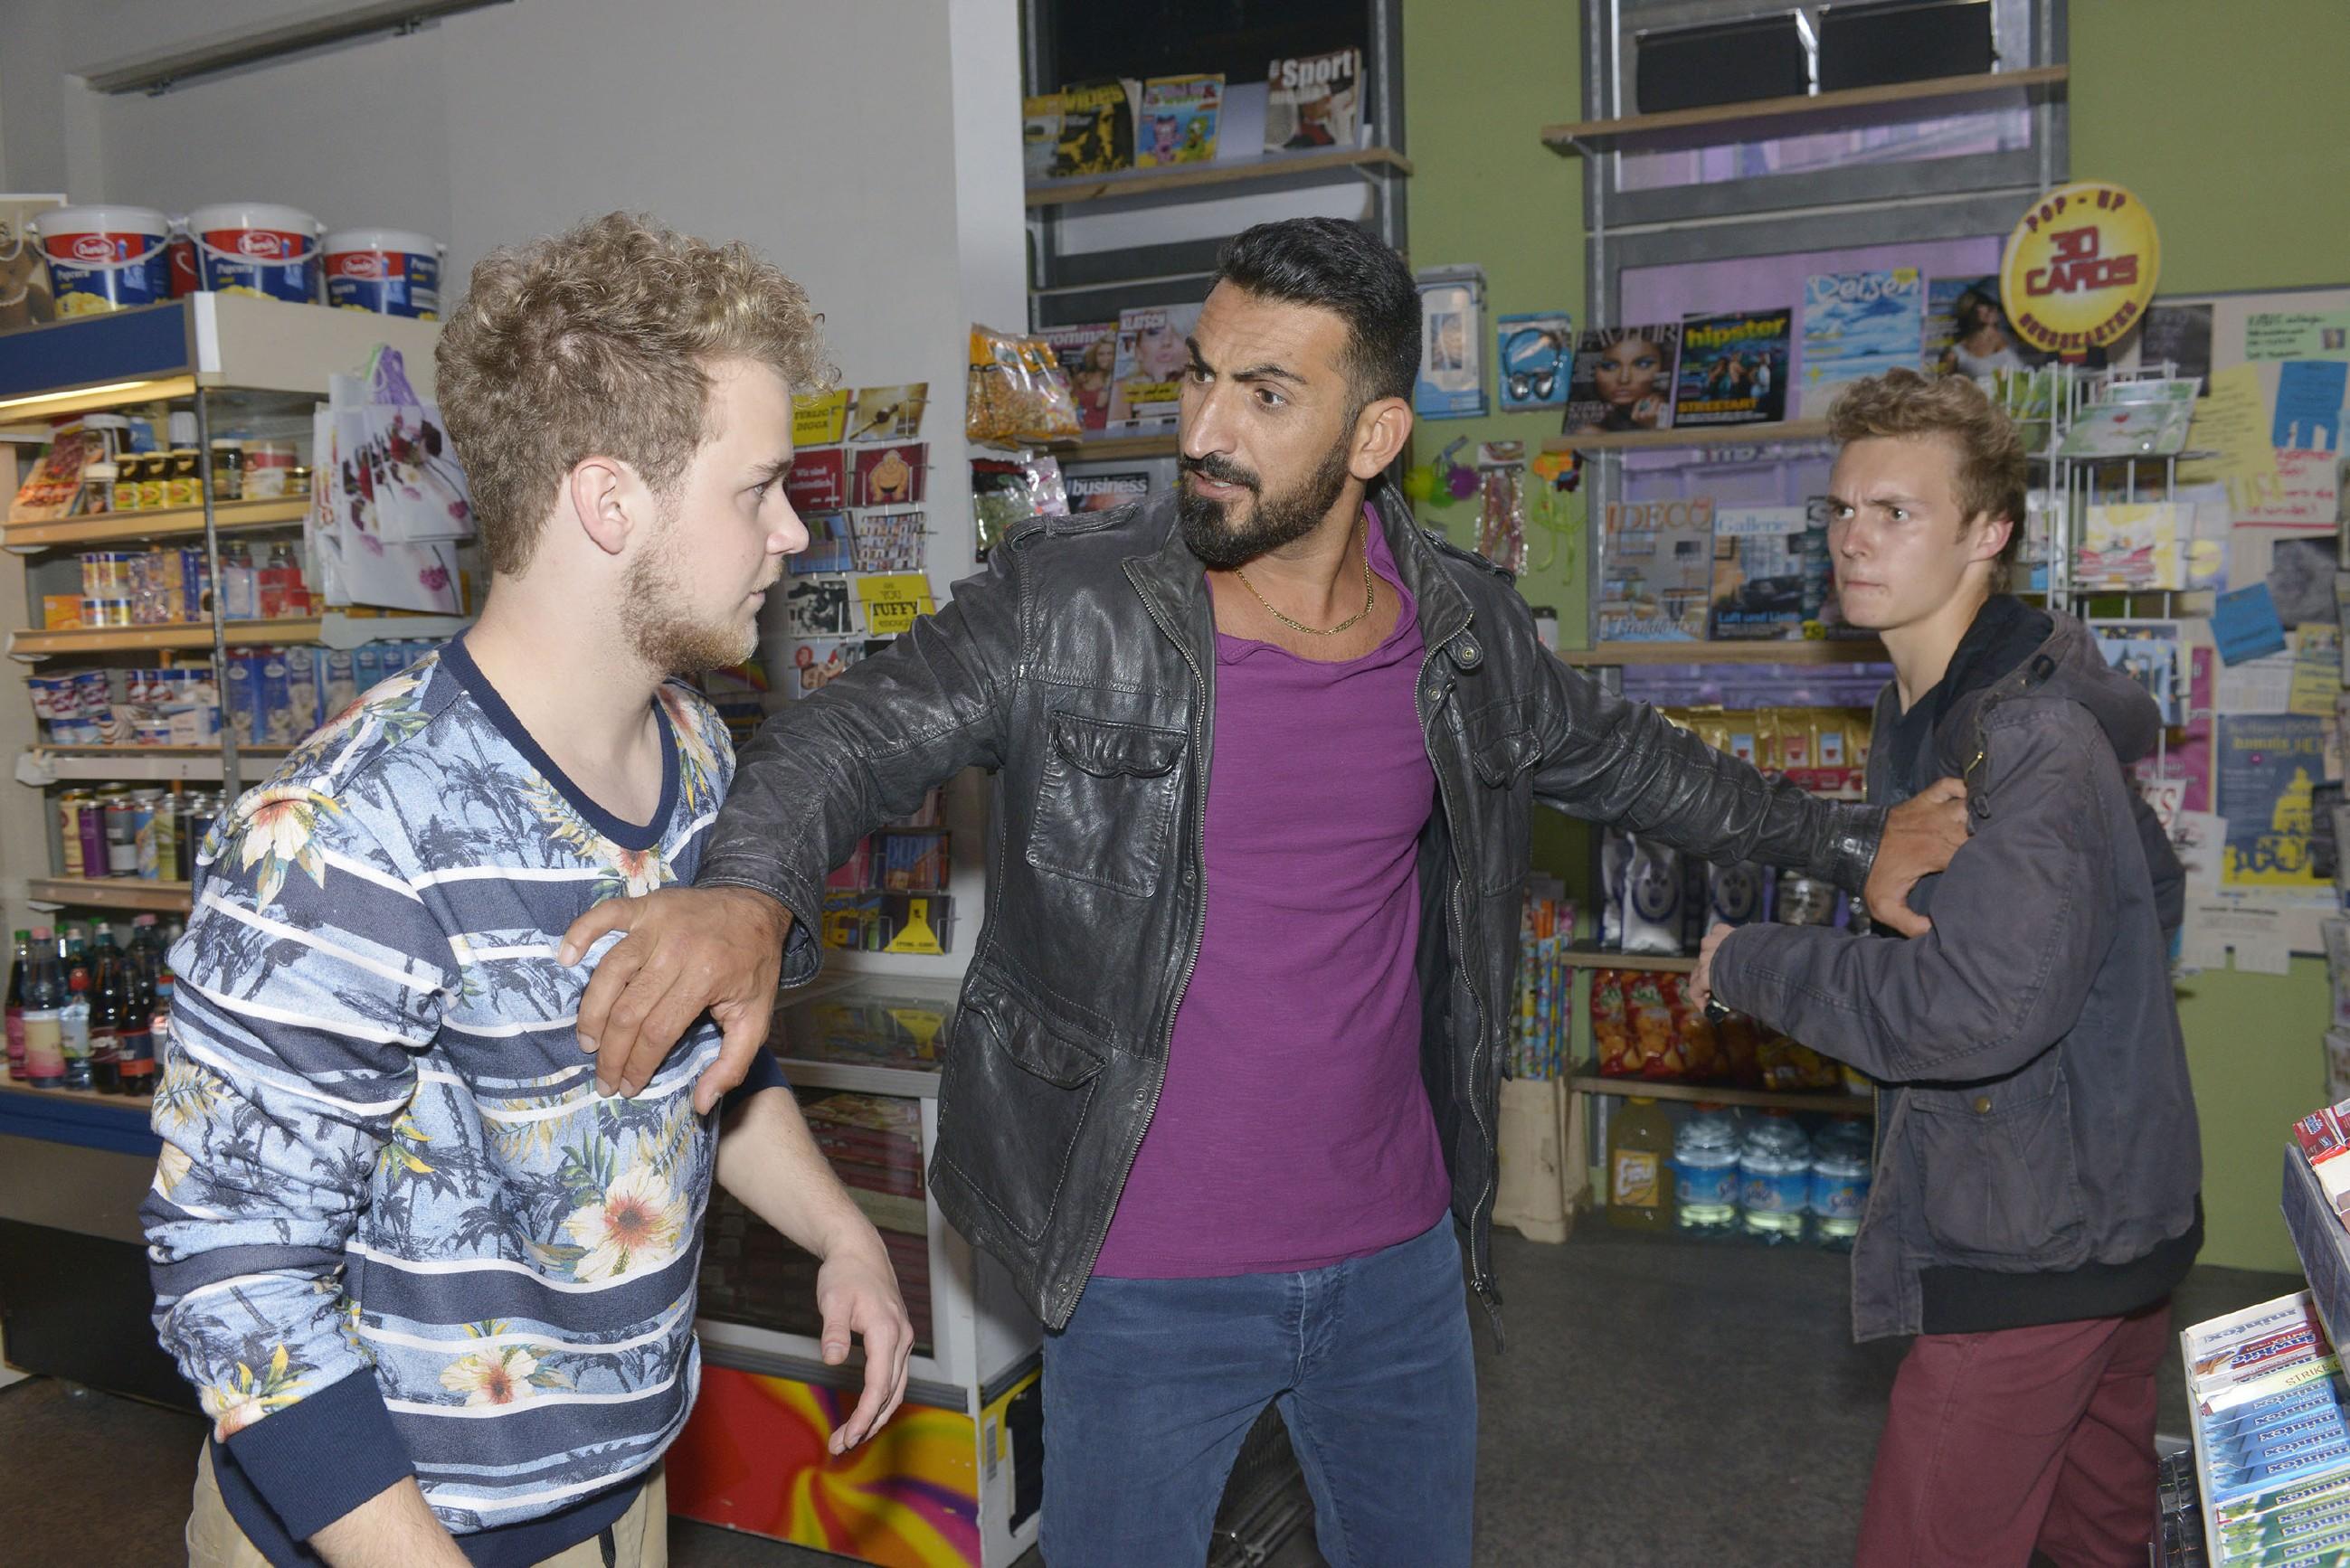 Jonas (Felix van Deventer, l.) bekommt Ärger mit Mesut (Mustafa Alin, M.), als er sich im Spätkauf mit einem Mitschüler (Komparse) streitet. (Quelle: RTL / Rolf Baumgartner)